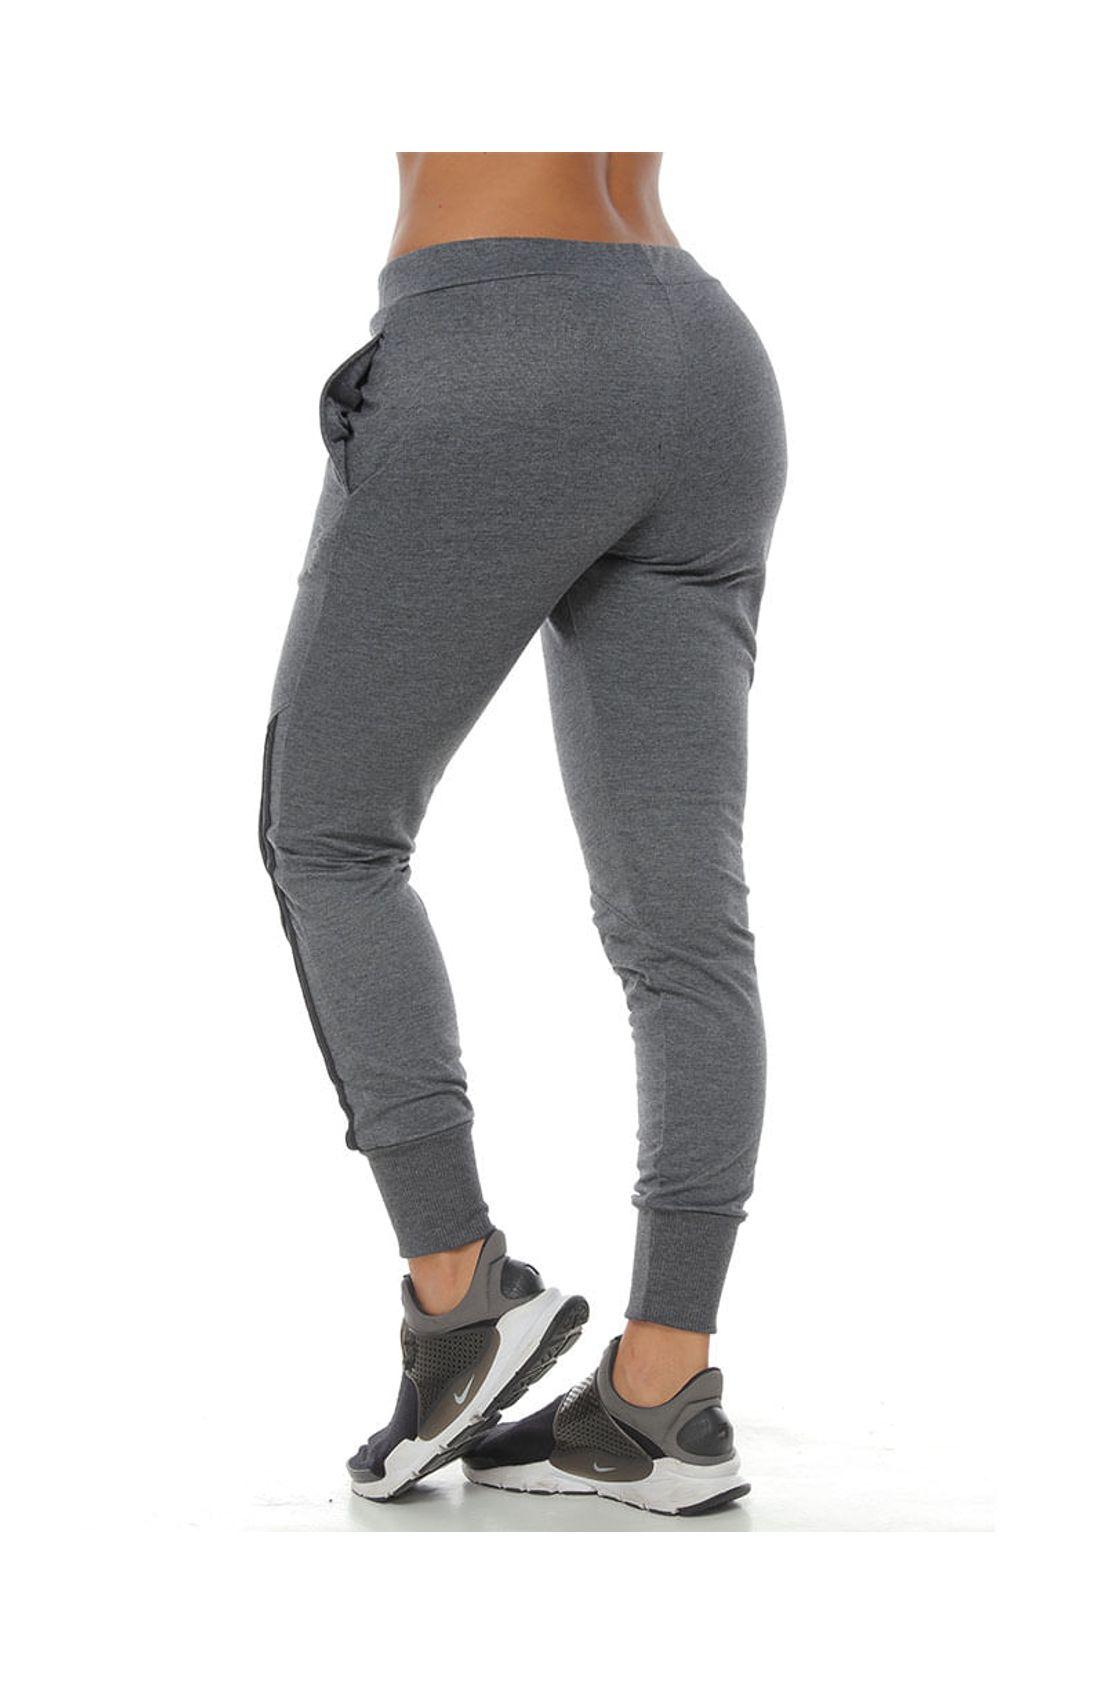 Pantalon Jogger Color Negro Para Mujer Racketball Tennis